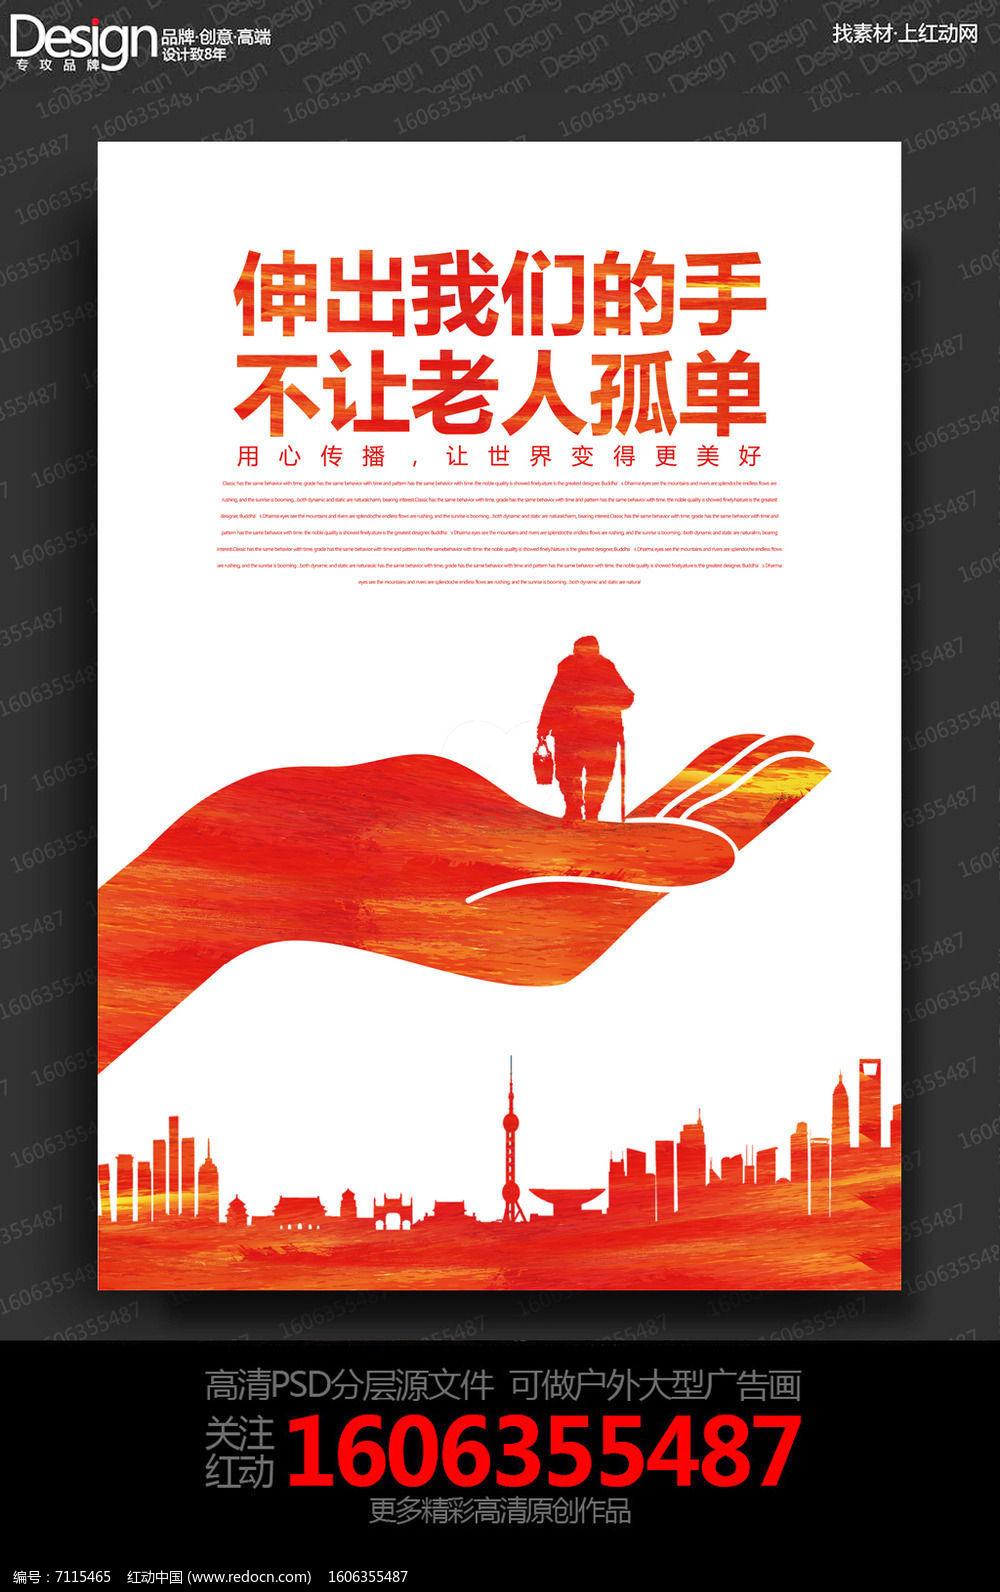 创意关爱老人公益宣传海报设计素材下载 编号7115465 红动网图片